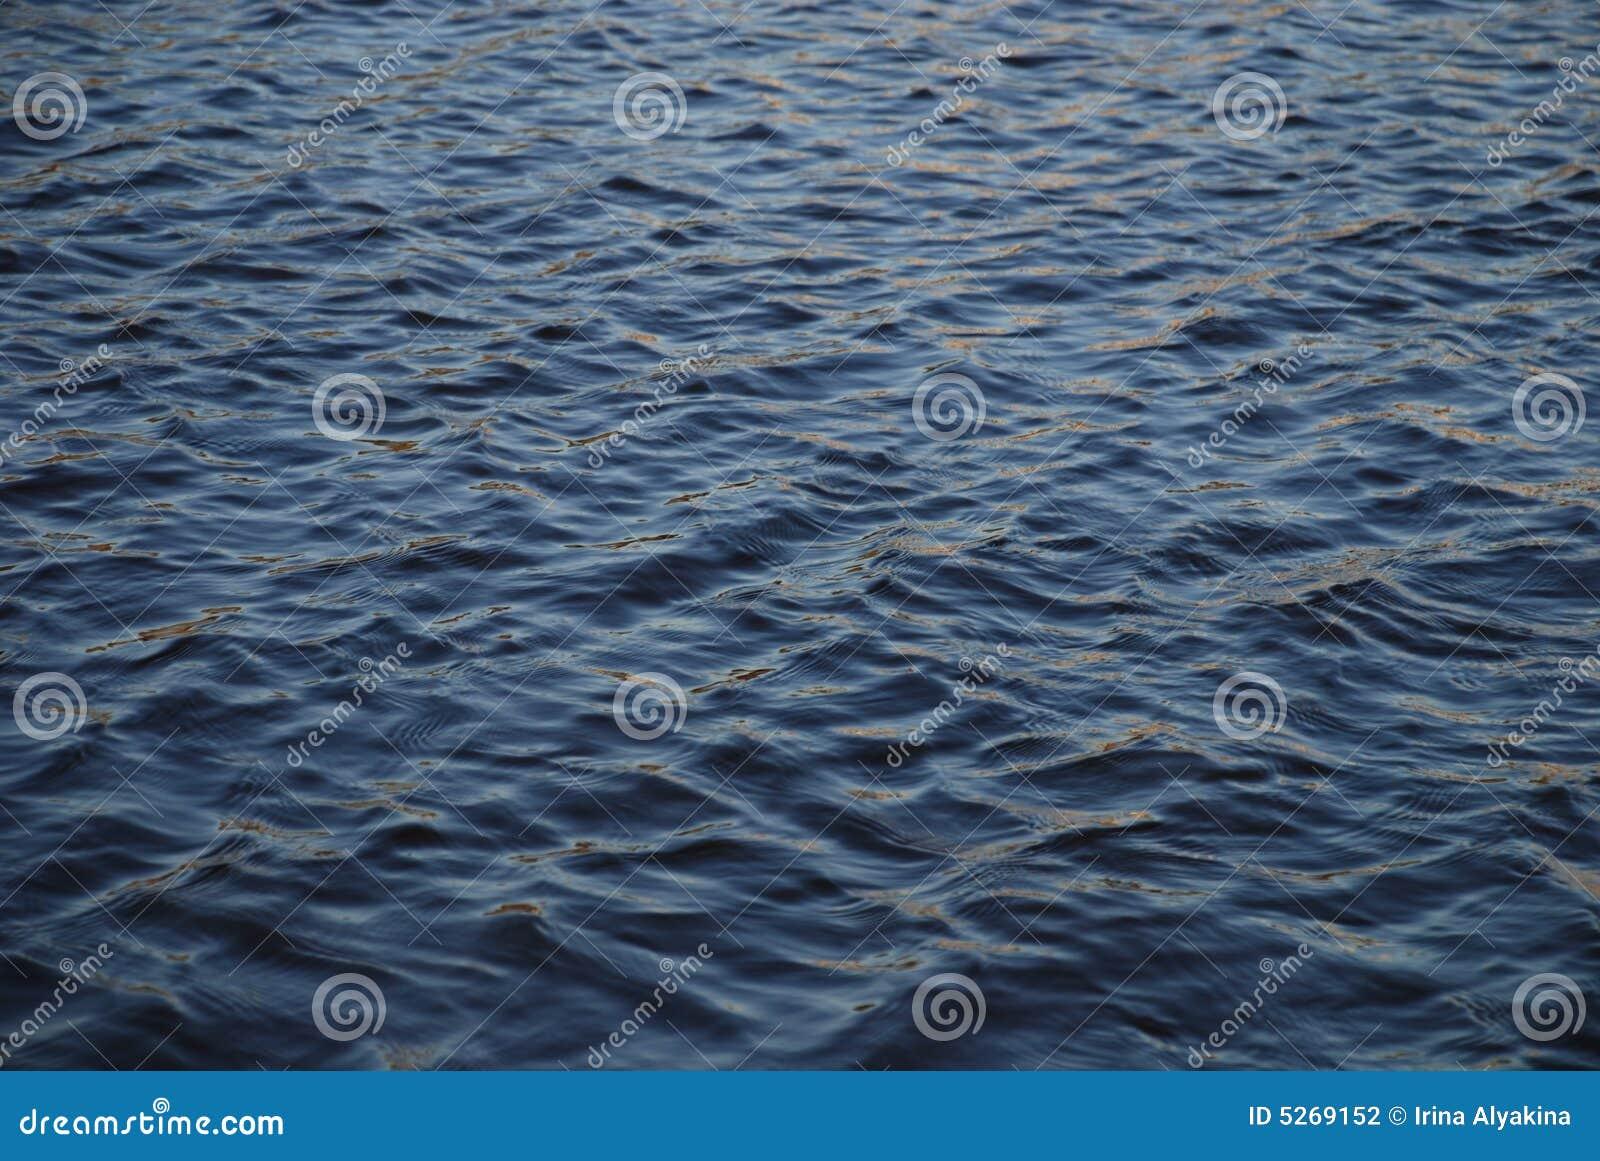 Agua oscura